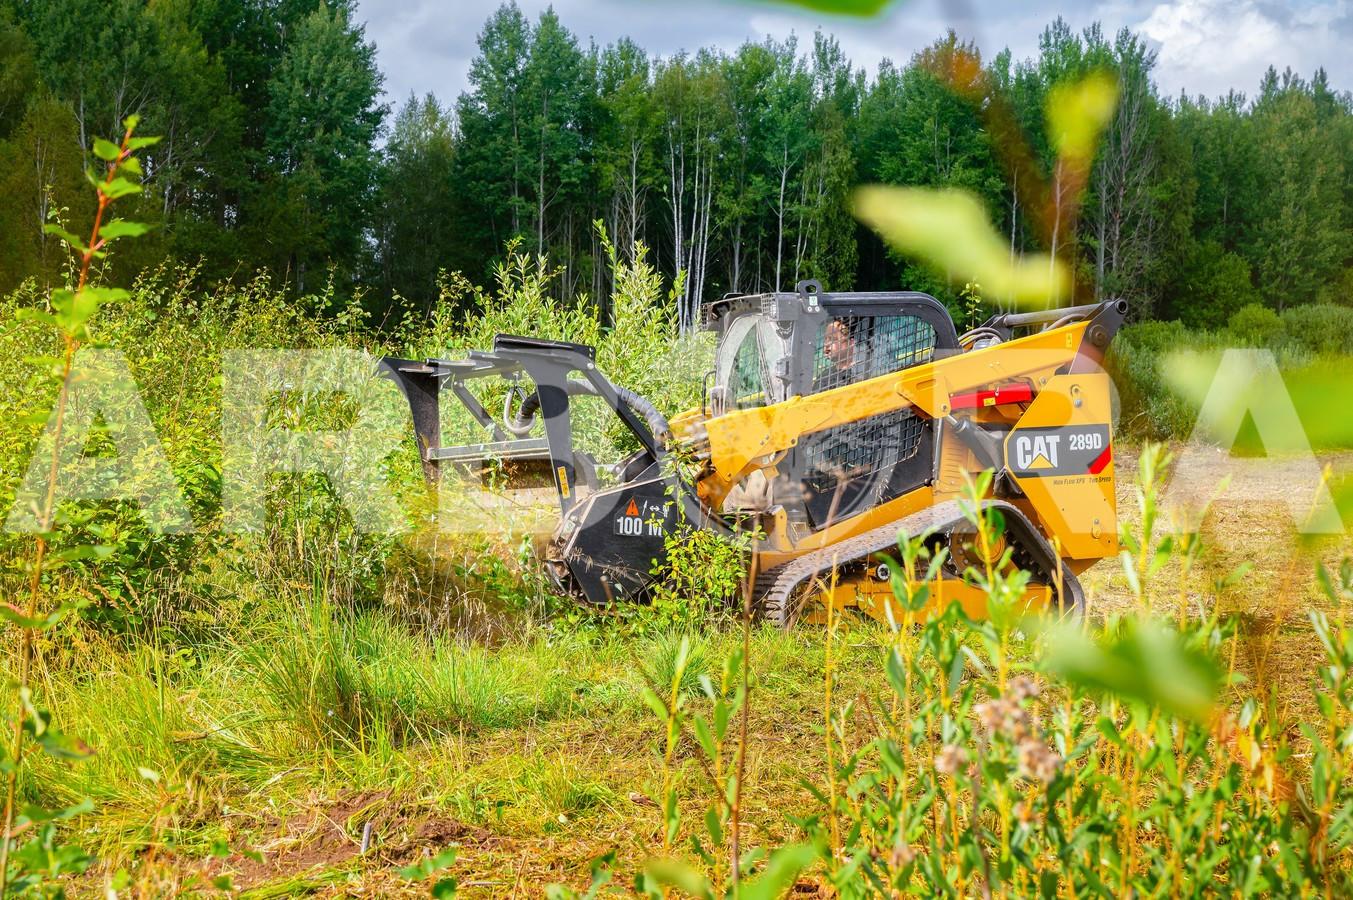 ?Krūmų, krūmokšnių kirtimas, pjovimas, smulkinimas ir išvežimas. ?Mechanizuotas krūmynų naikinimas (mulčiavimas). ?Krūmų šaknų naikinimas. ?Biokuro gamyba, medienos bei žaliavos biokurui ruoša.